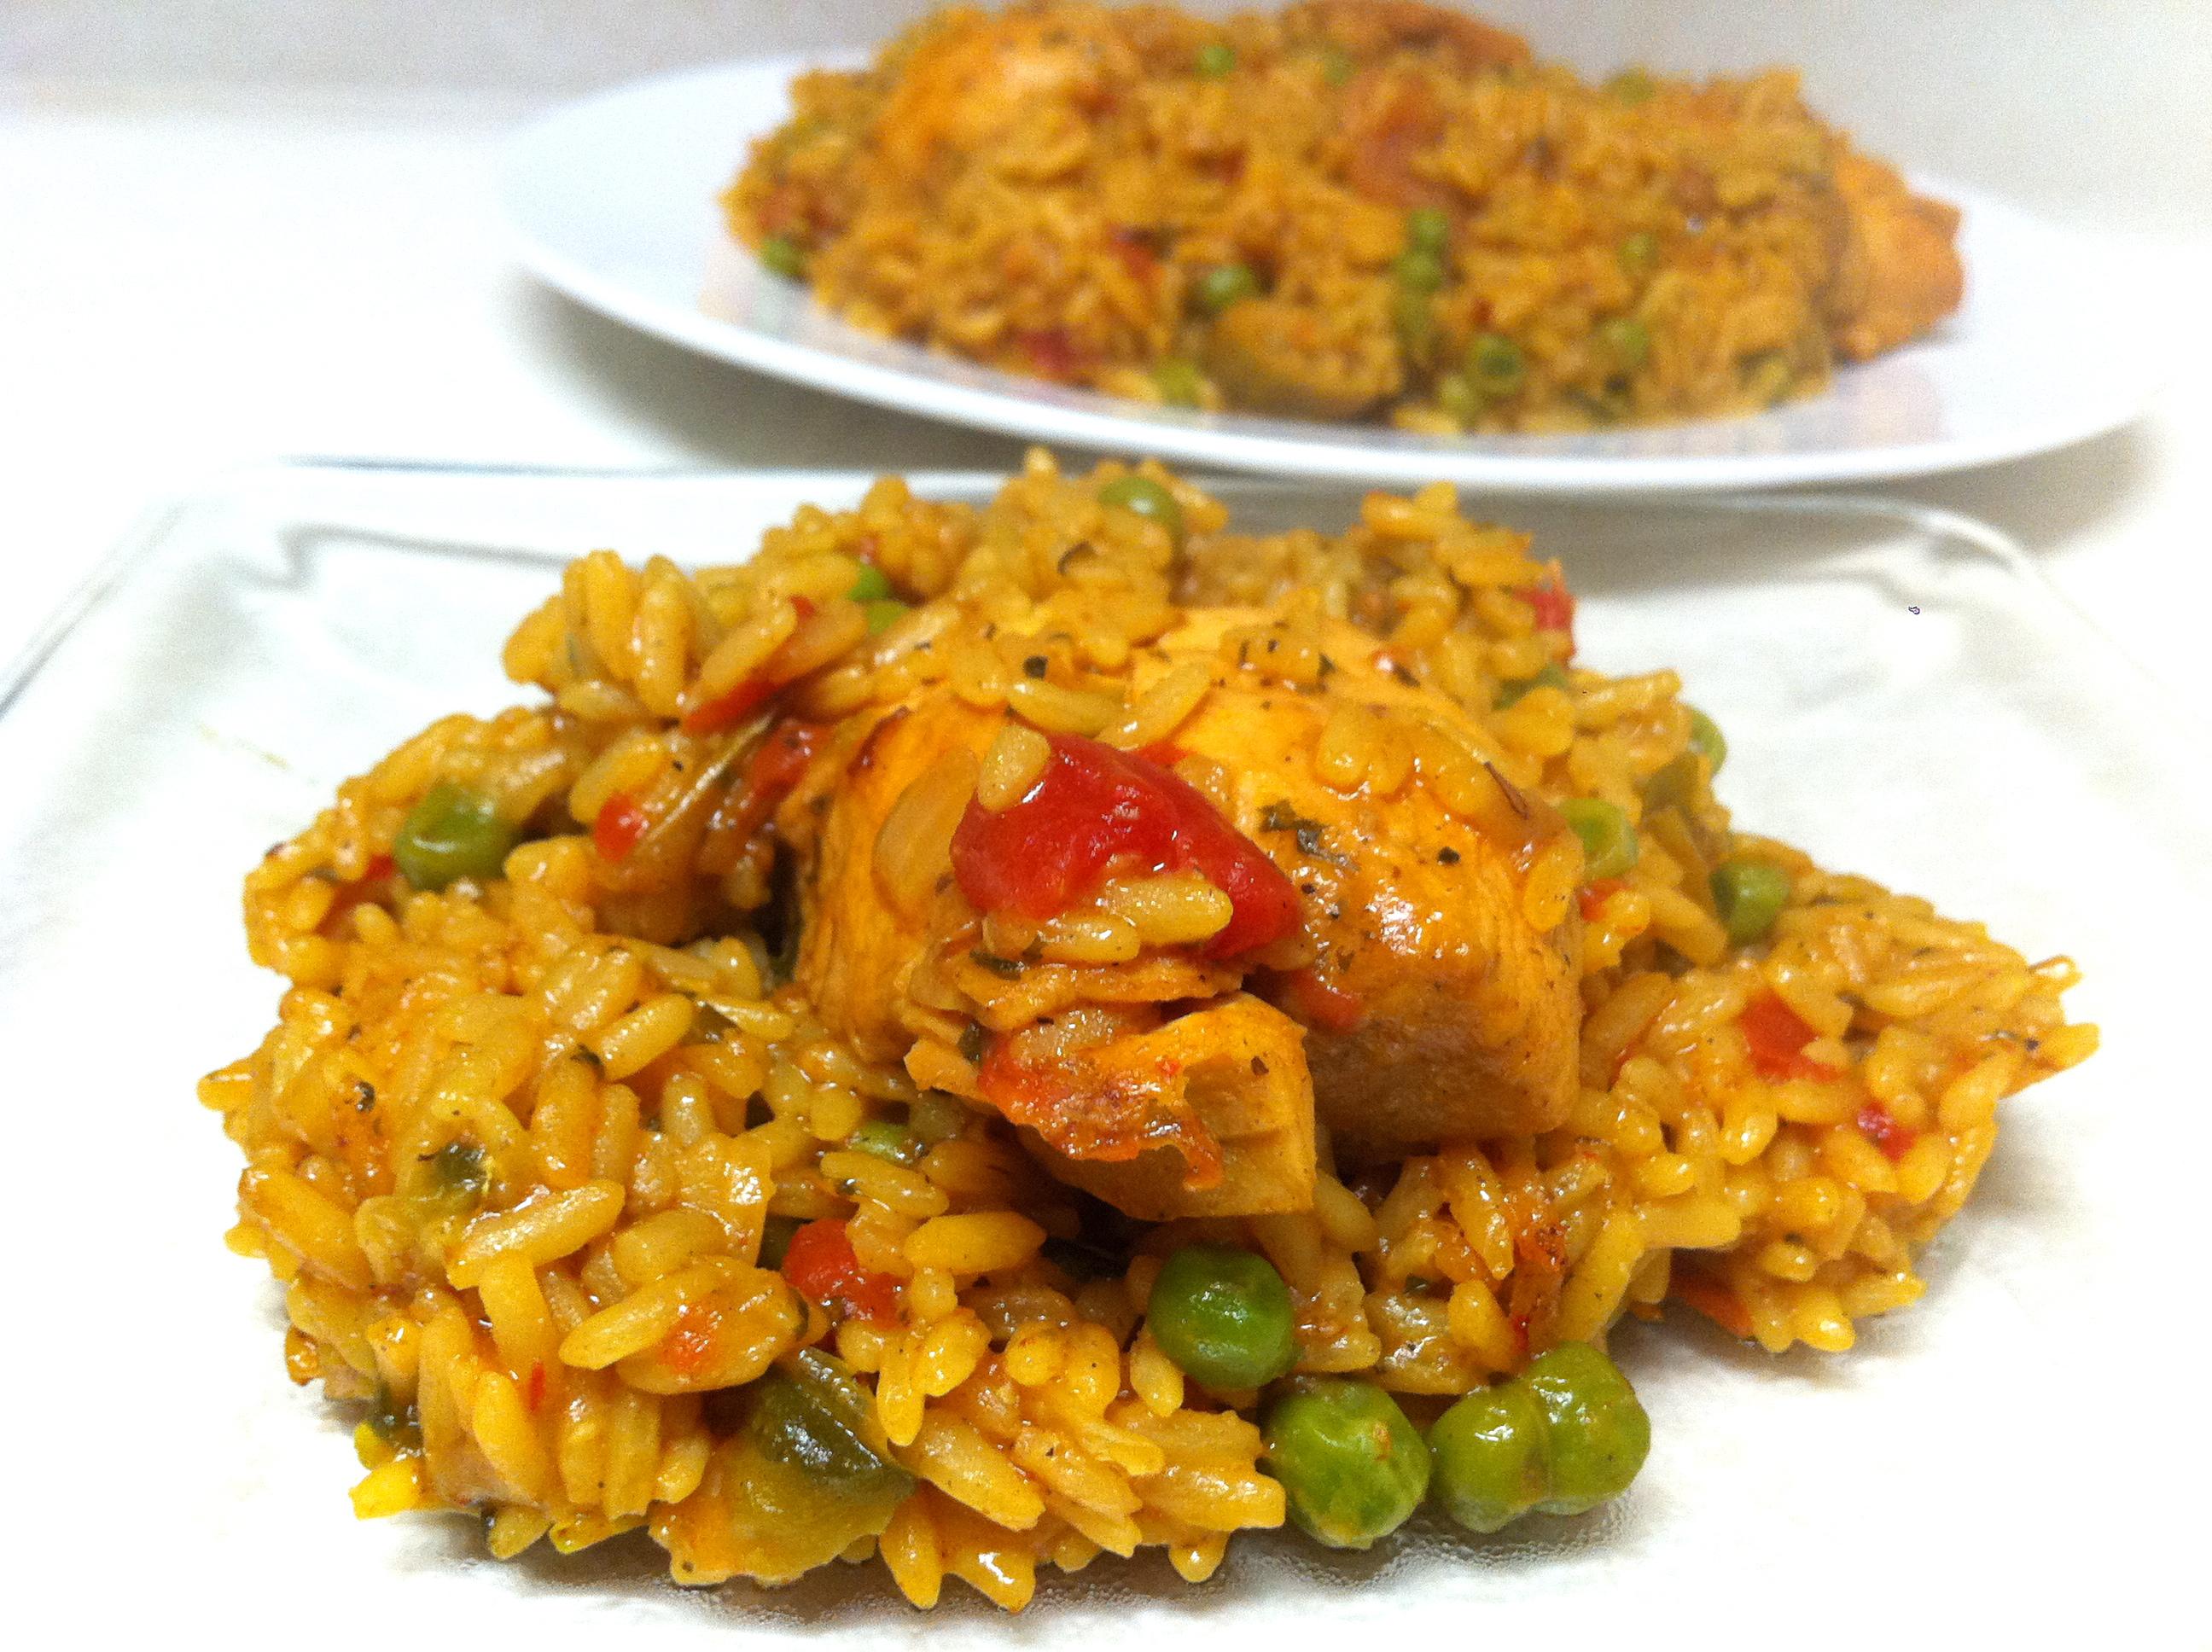 Arroz Con Pollo Make arroz con pollo which